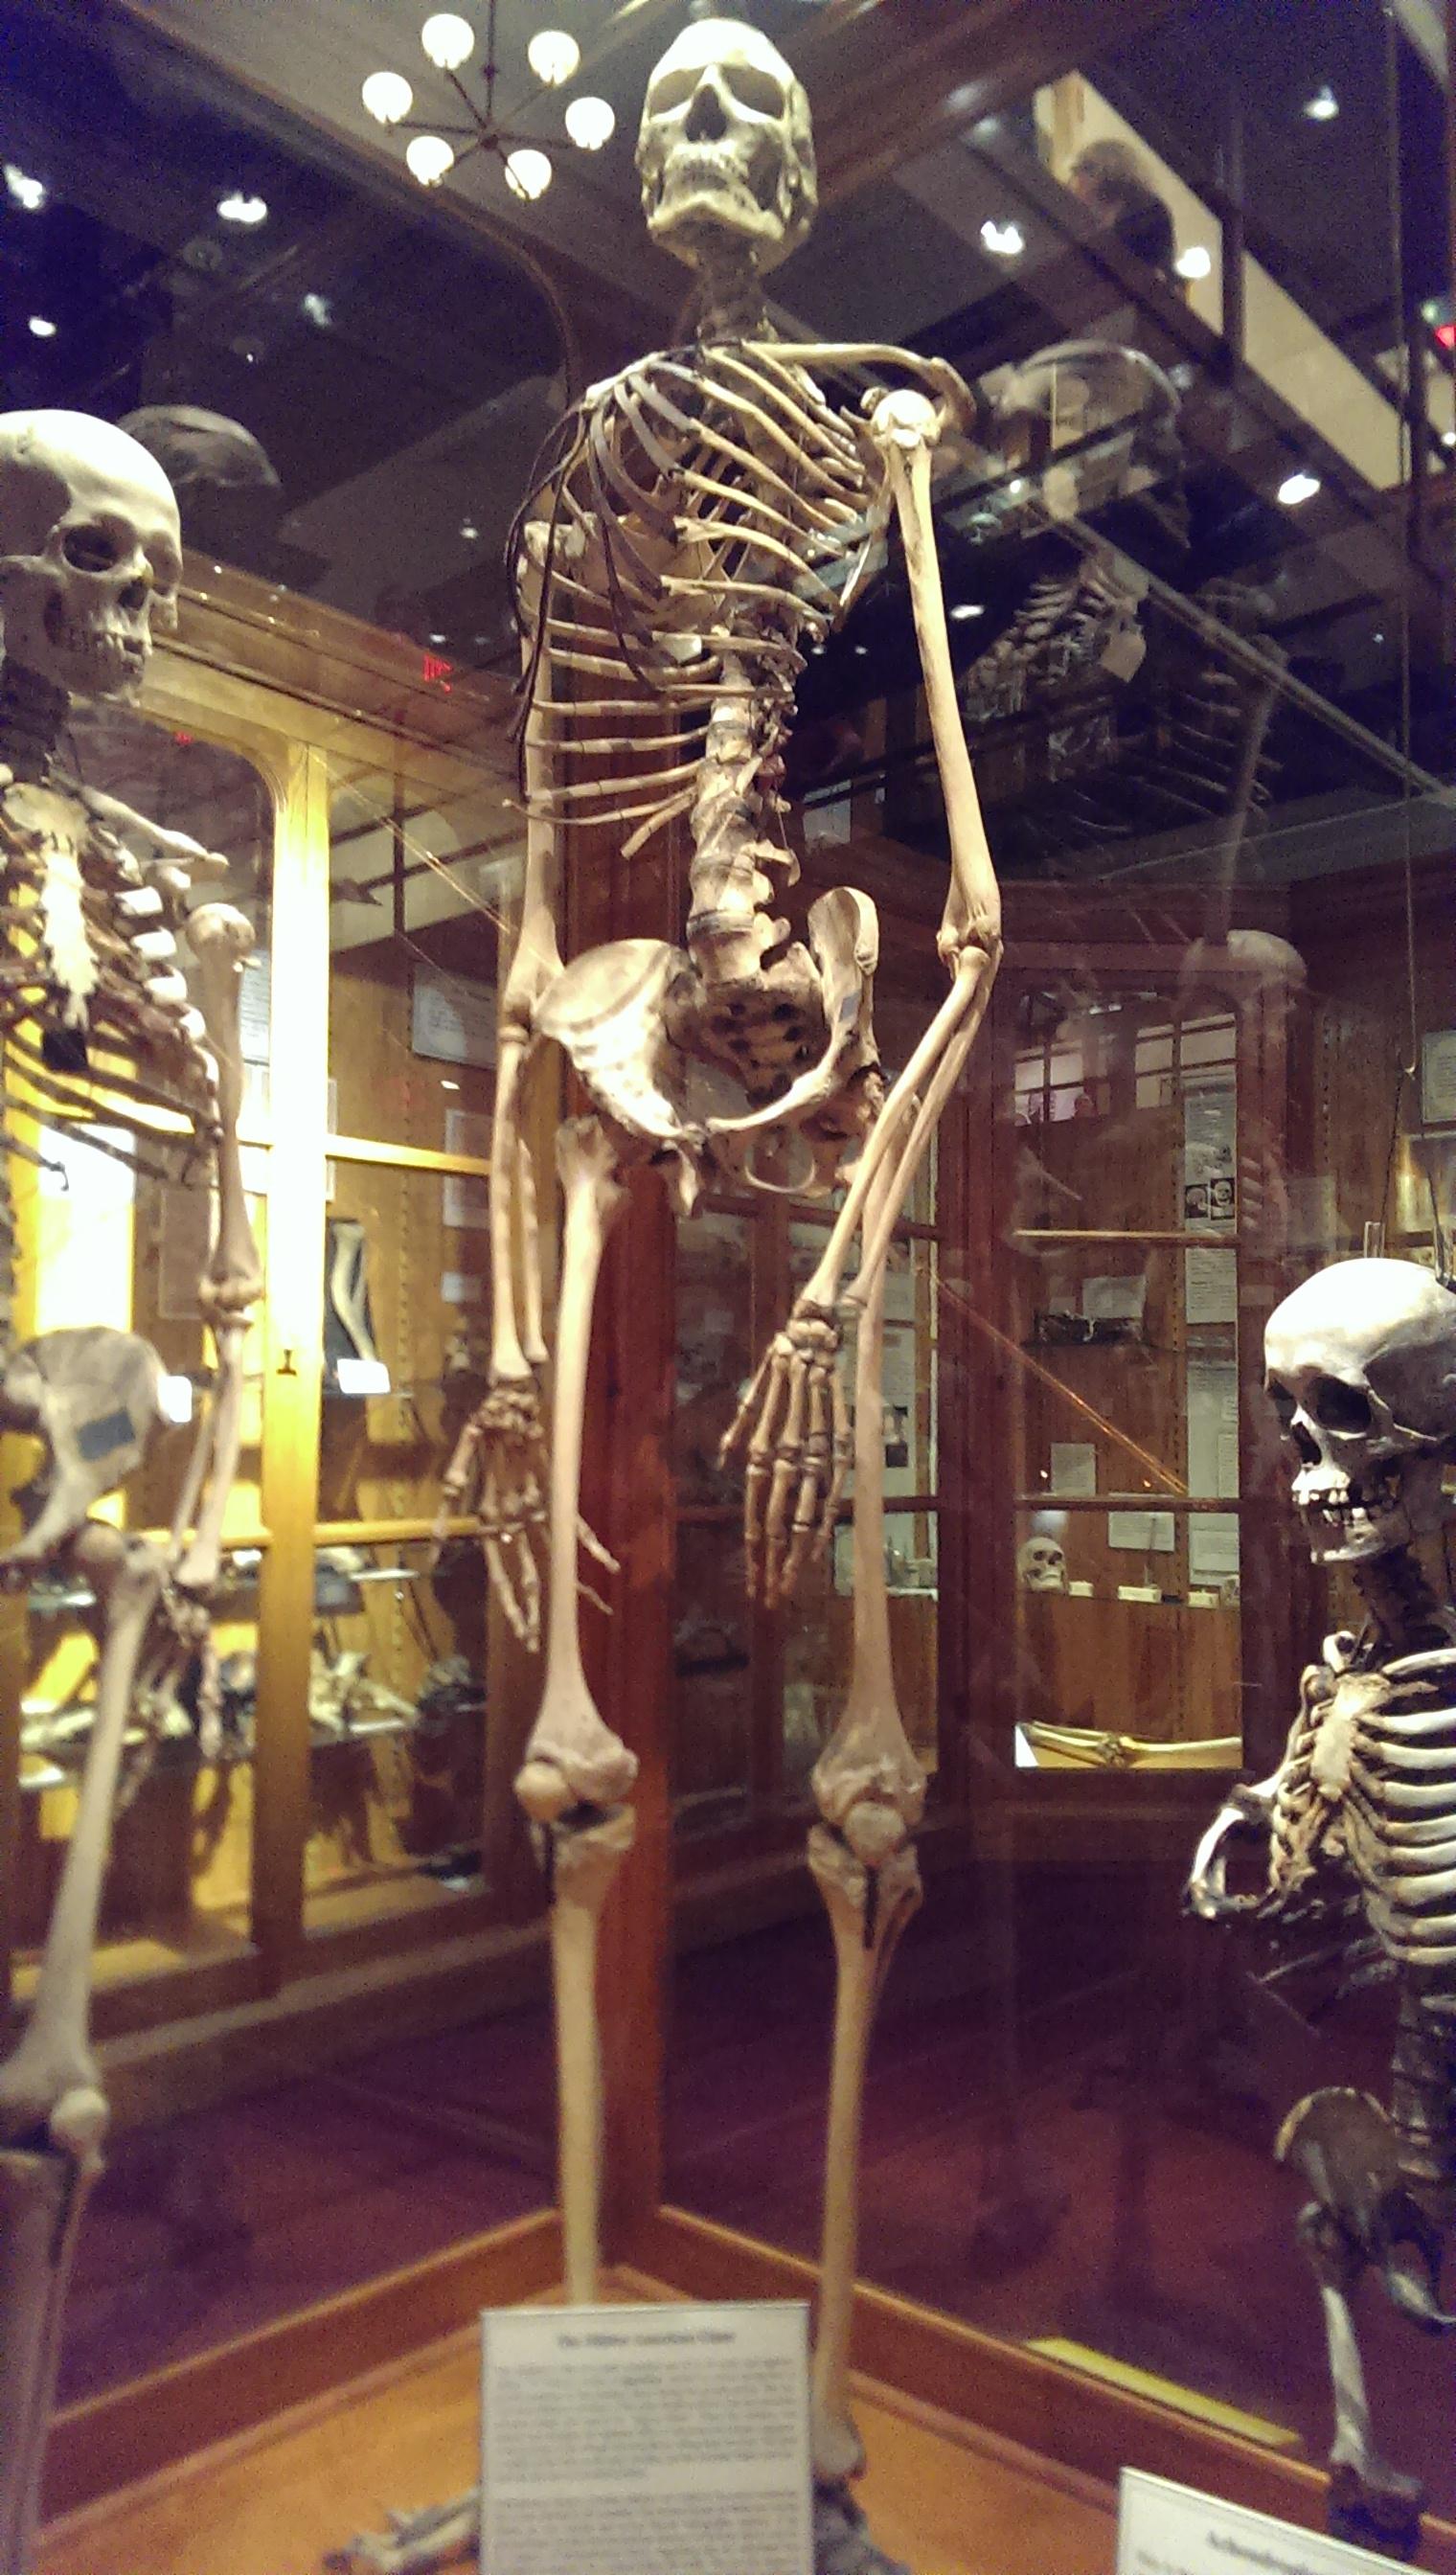 mutter museum gigantism